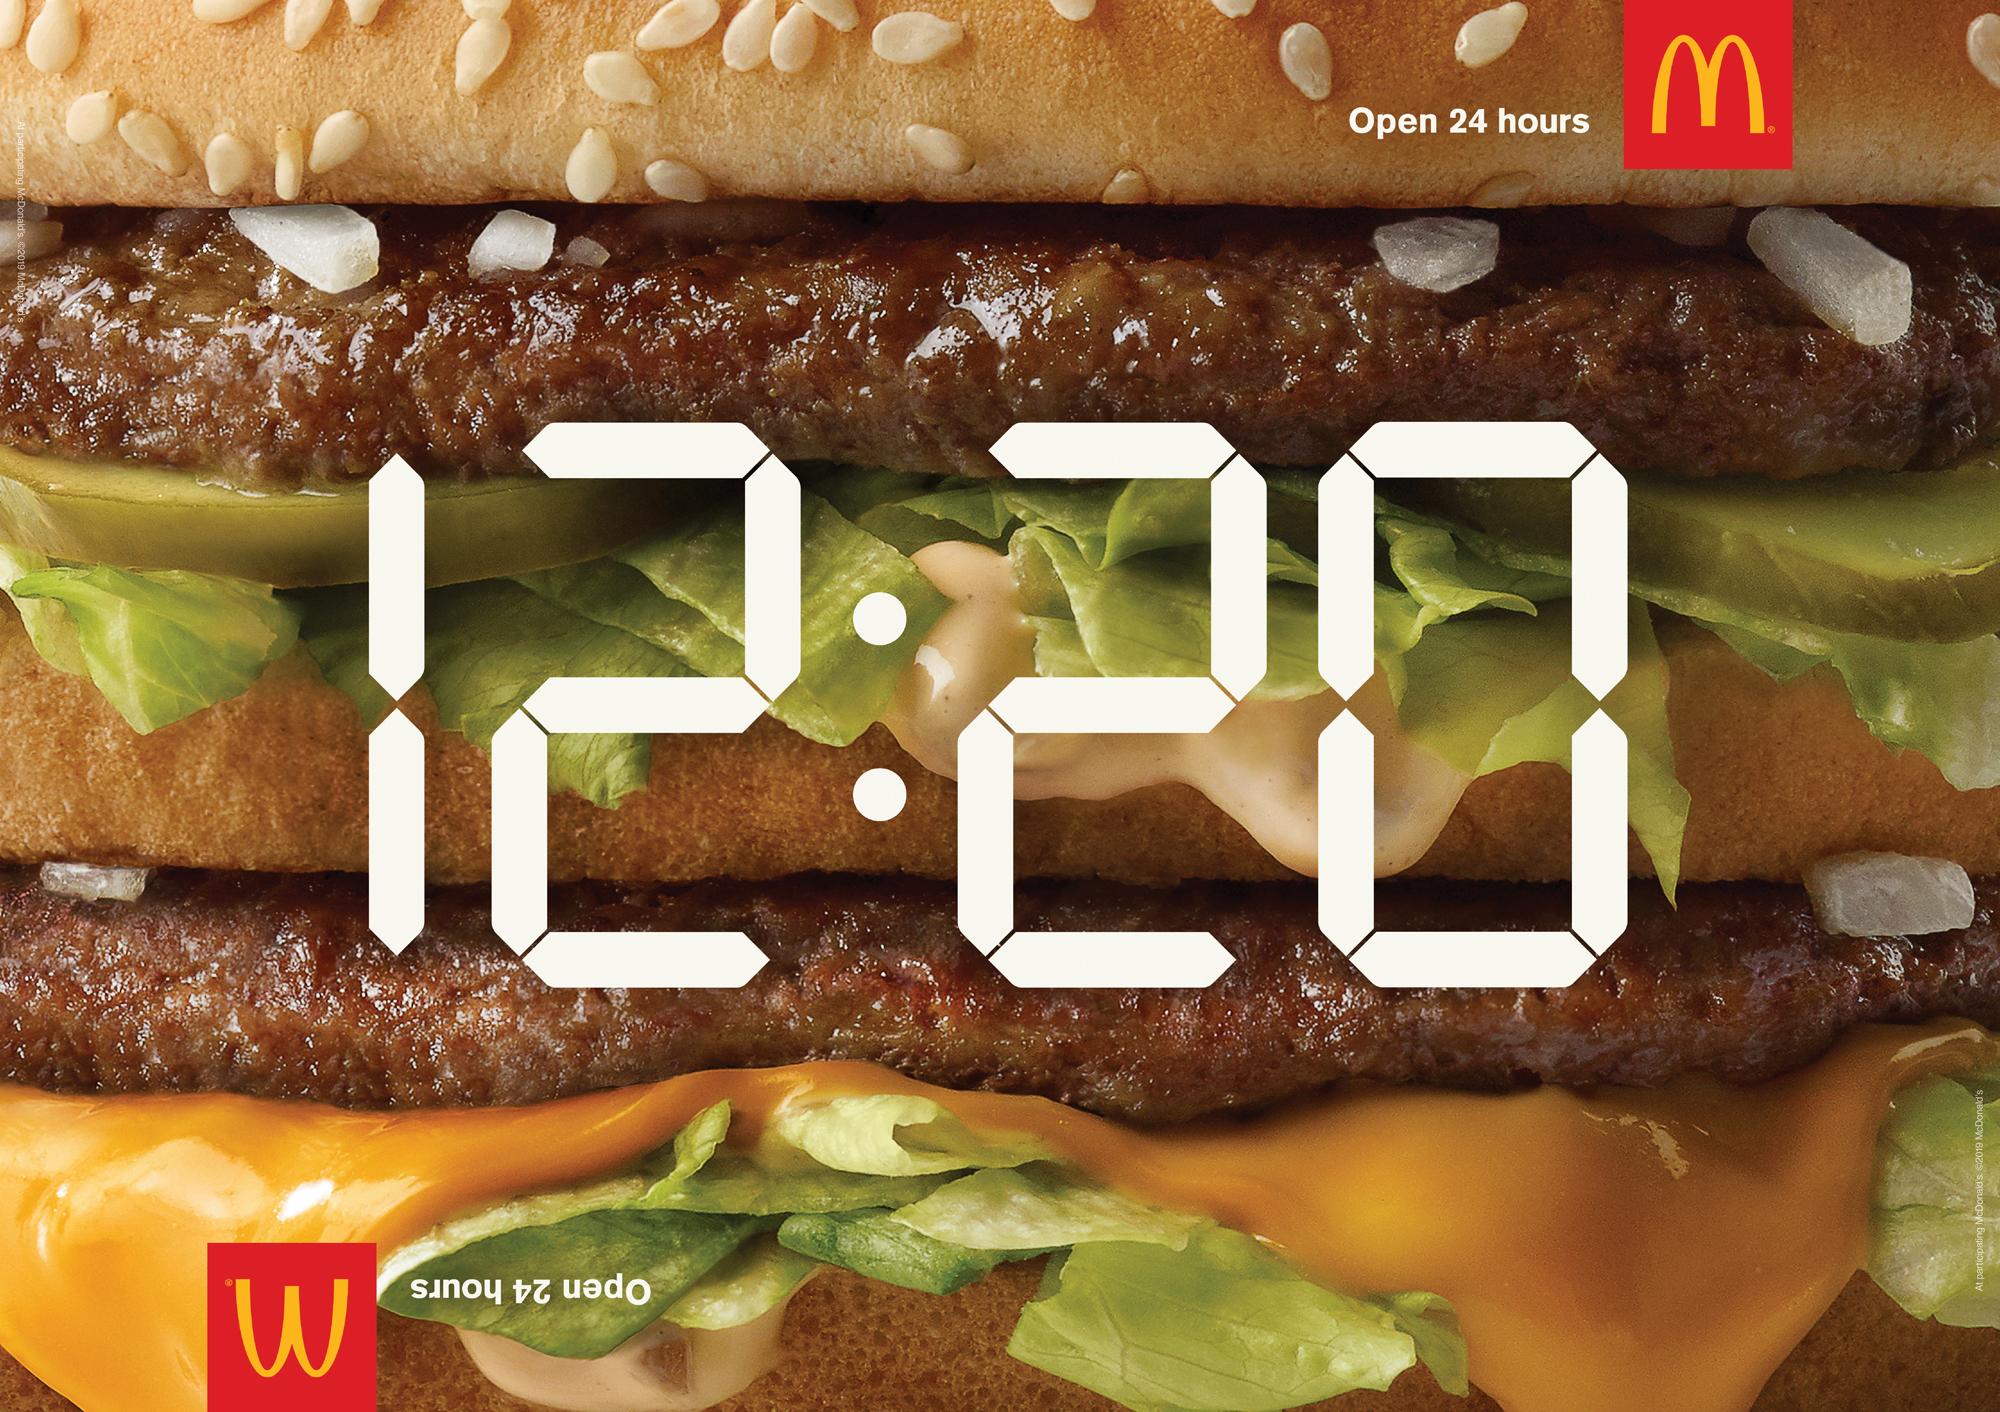 24HoursOpen_BigMac